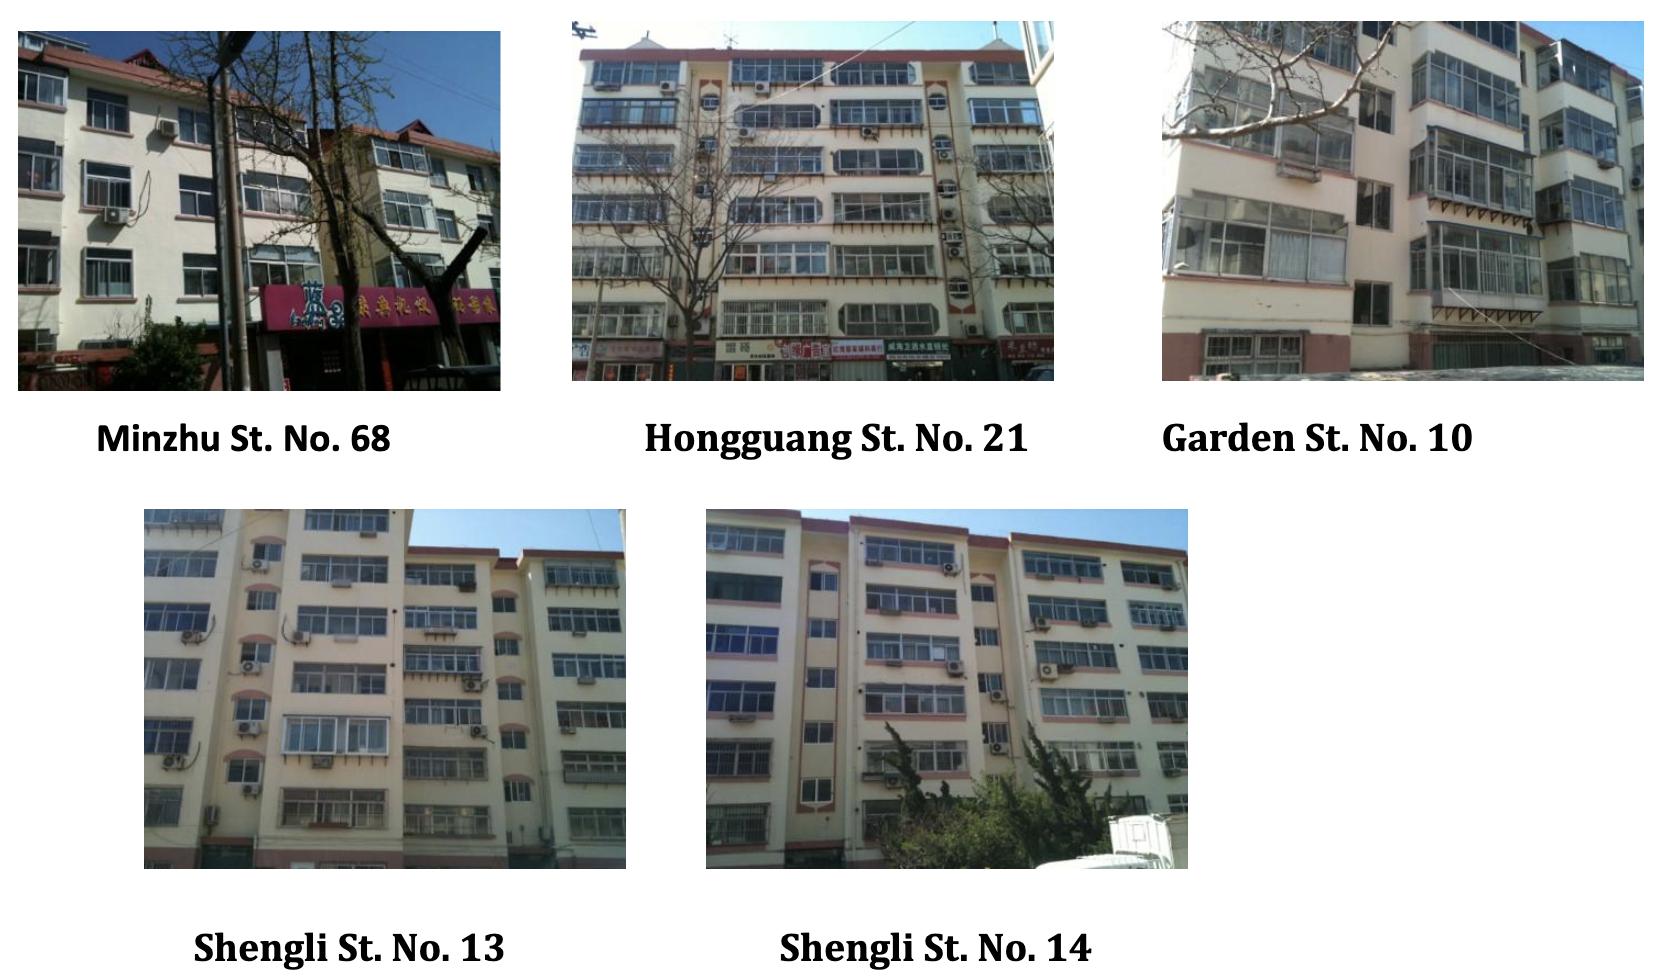 פרויקט טרמודריי בסין